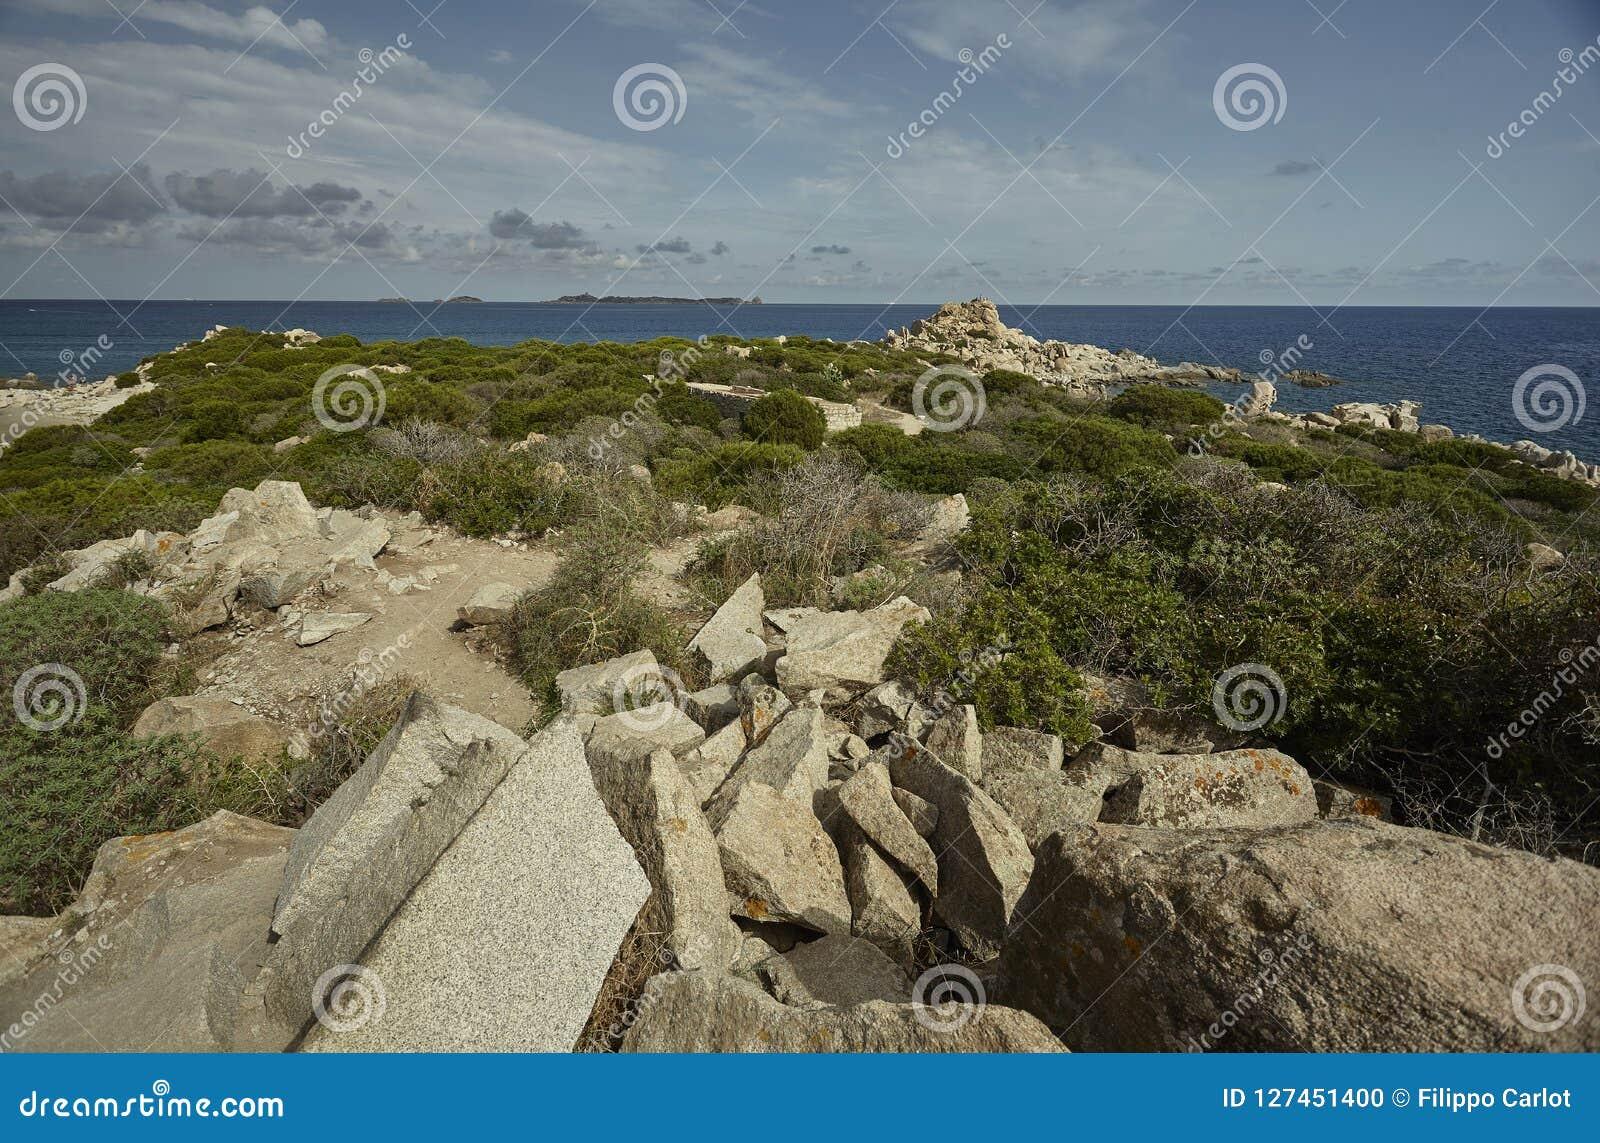 Panorama rocoso de las costas sardas